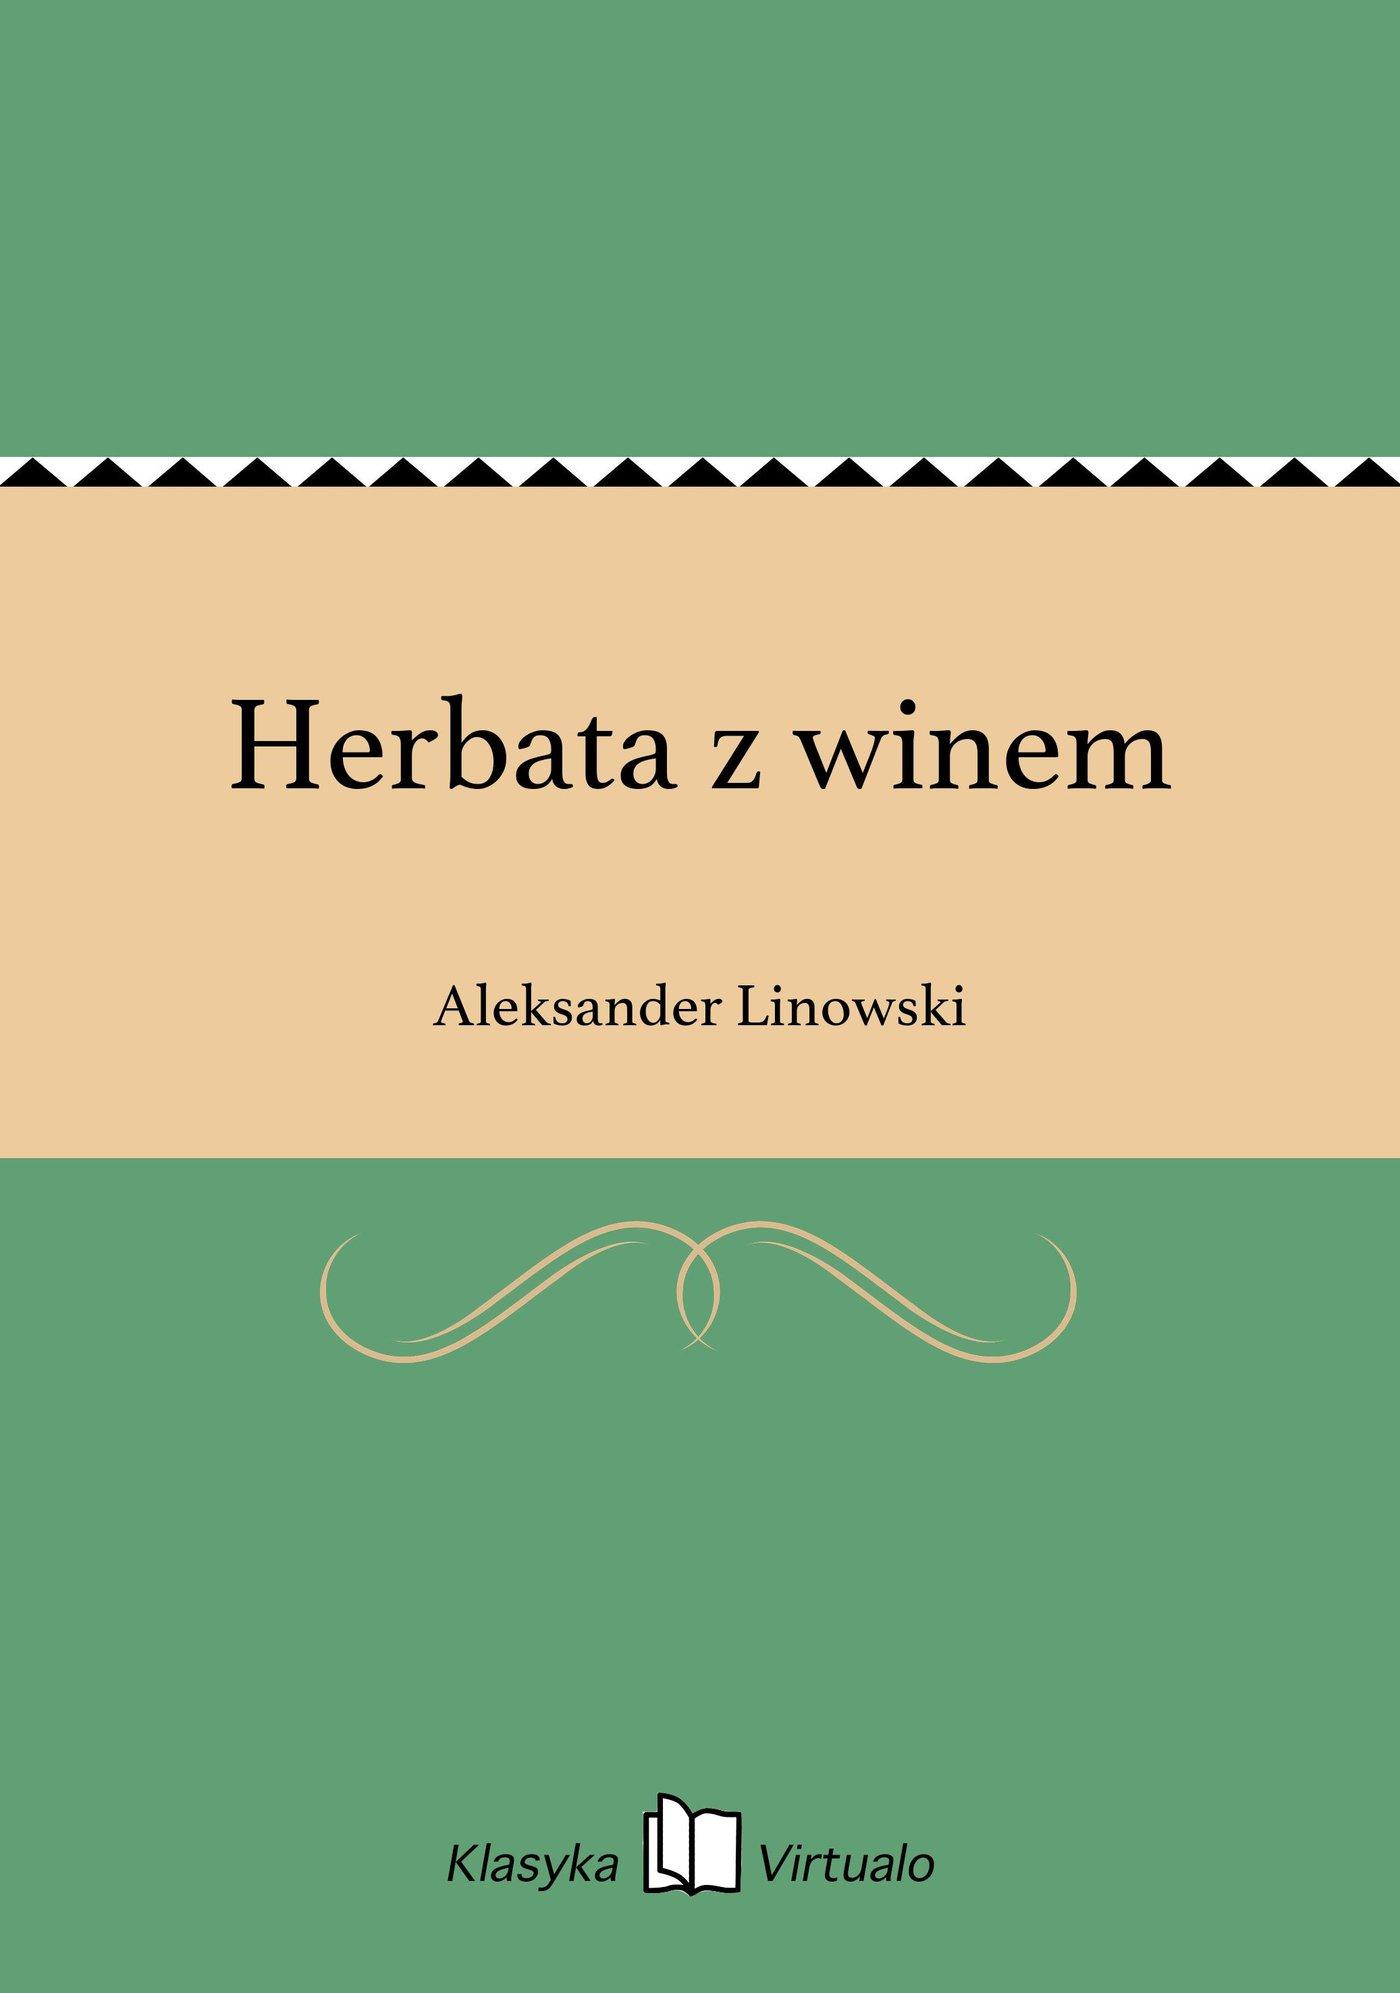 Herbata z winem - Ebook (Książka EPUB) do pobrania w formacie EPUB